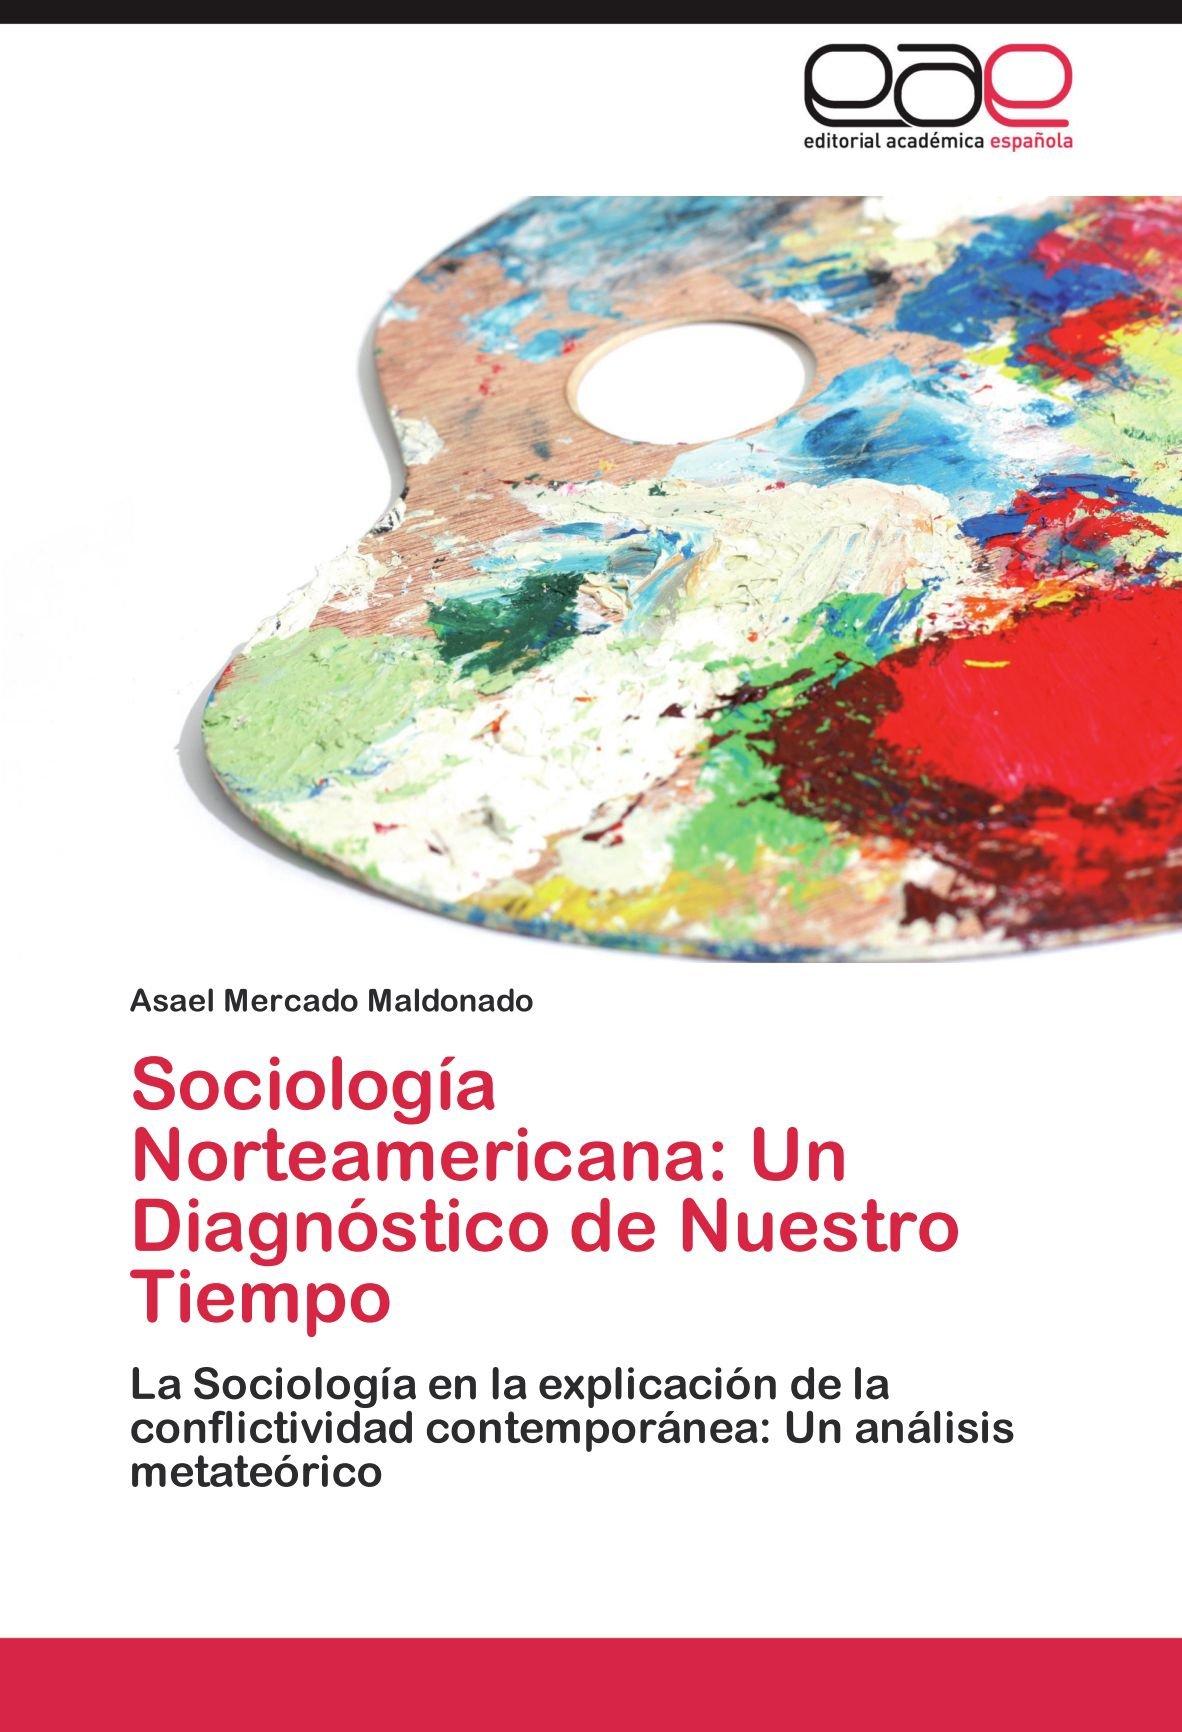 Sociologia Norteamericana: Un Diagnostico de Nuestro Tiempo: Amazon.es: Mercado Maldonado, Asael: Libros